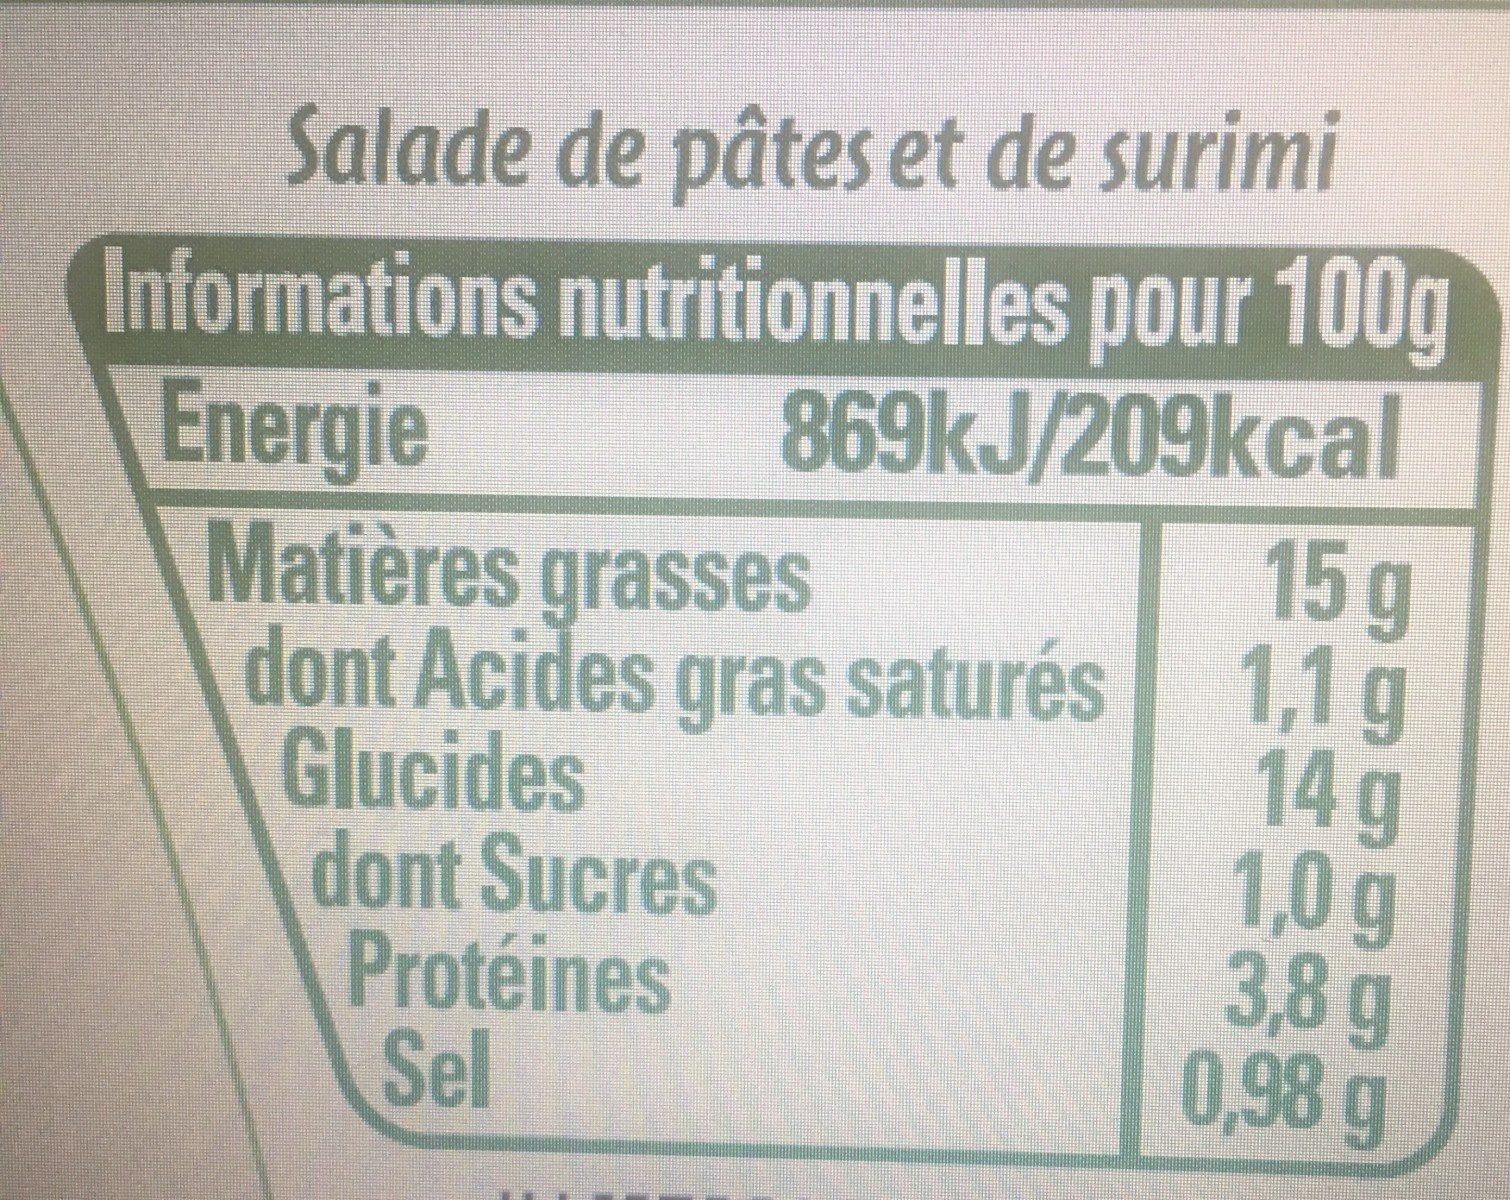 Salade de pâtes et de surimi - Informations nutritionnelles - fr